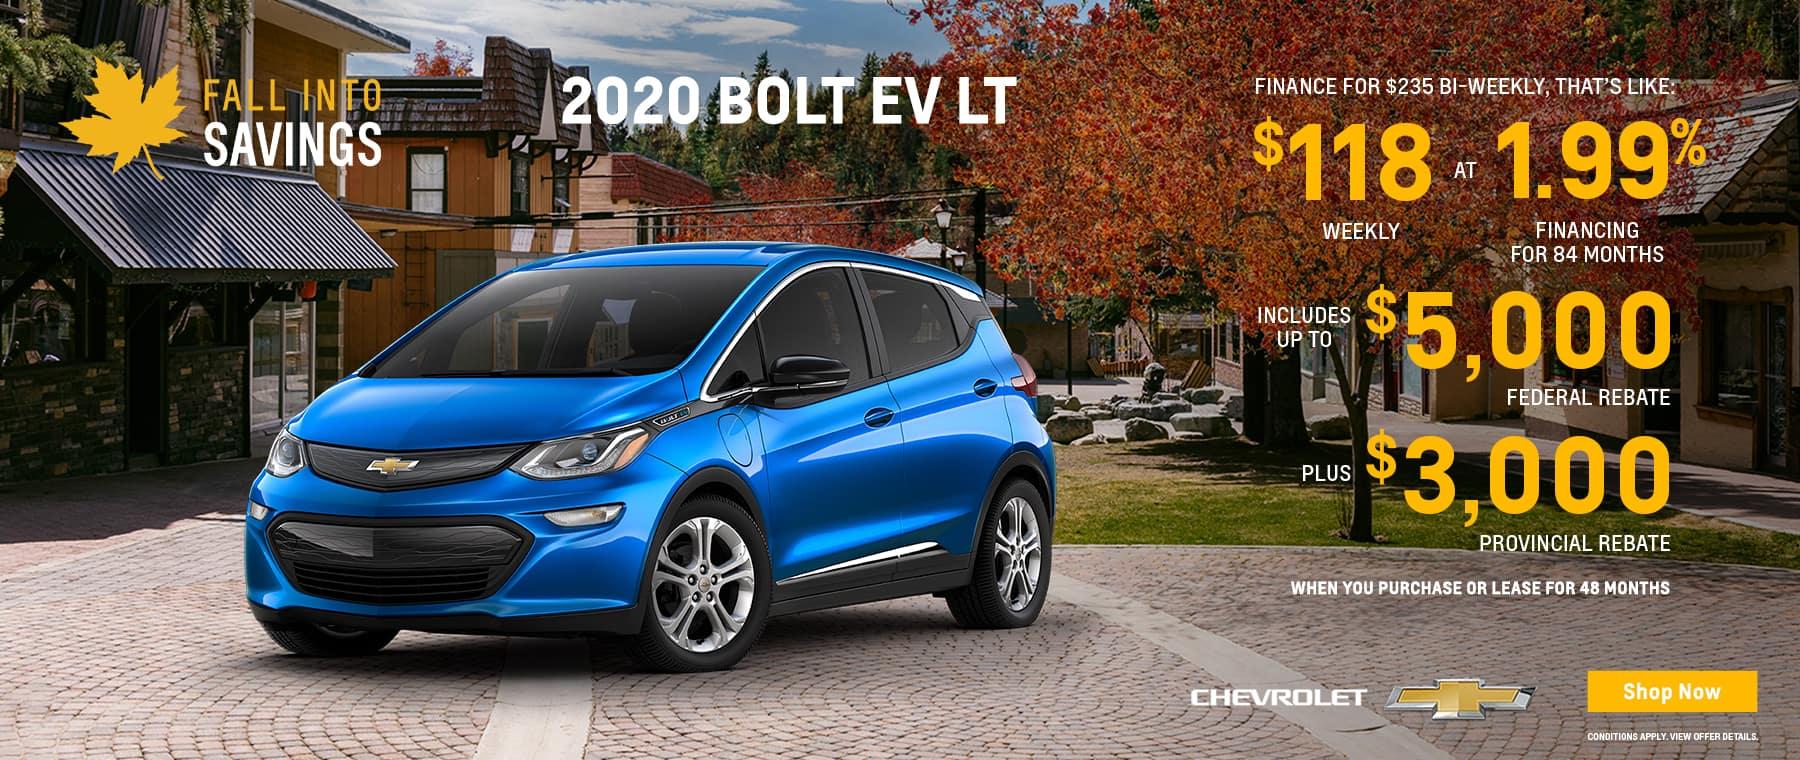 2020_SEP_WST_Bolt_T3_EN_1800x760_MULTI_v2